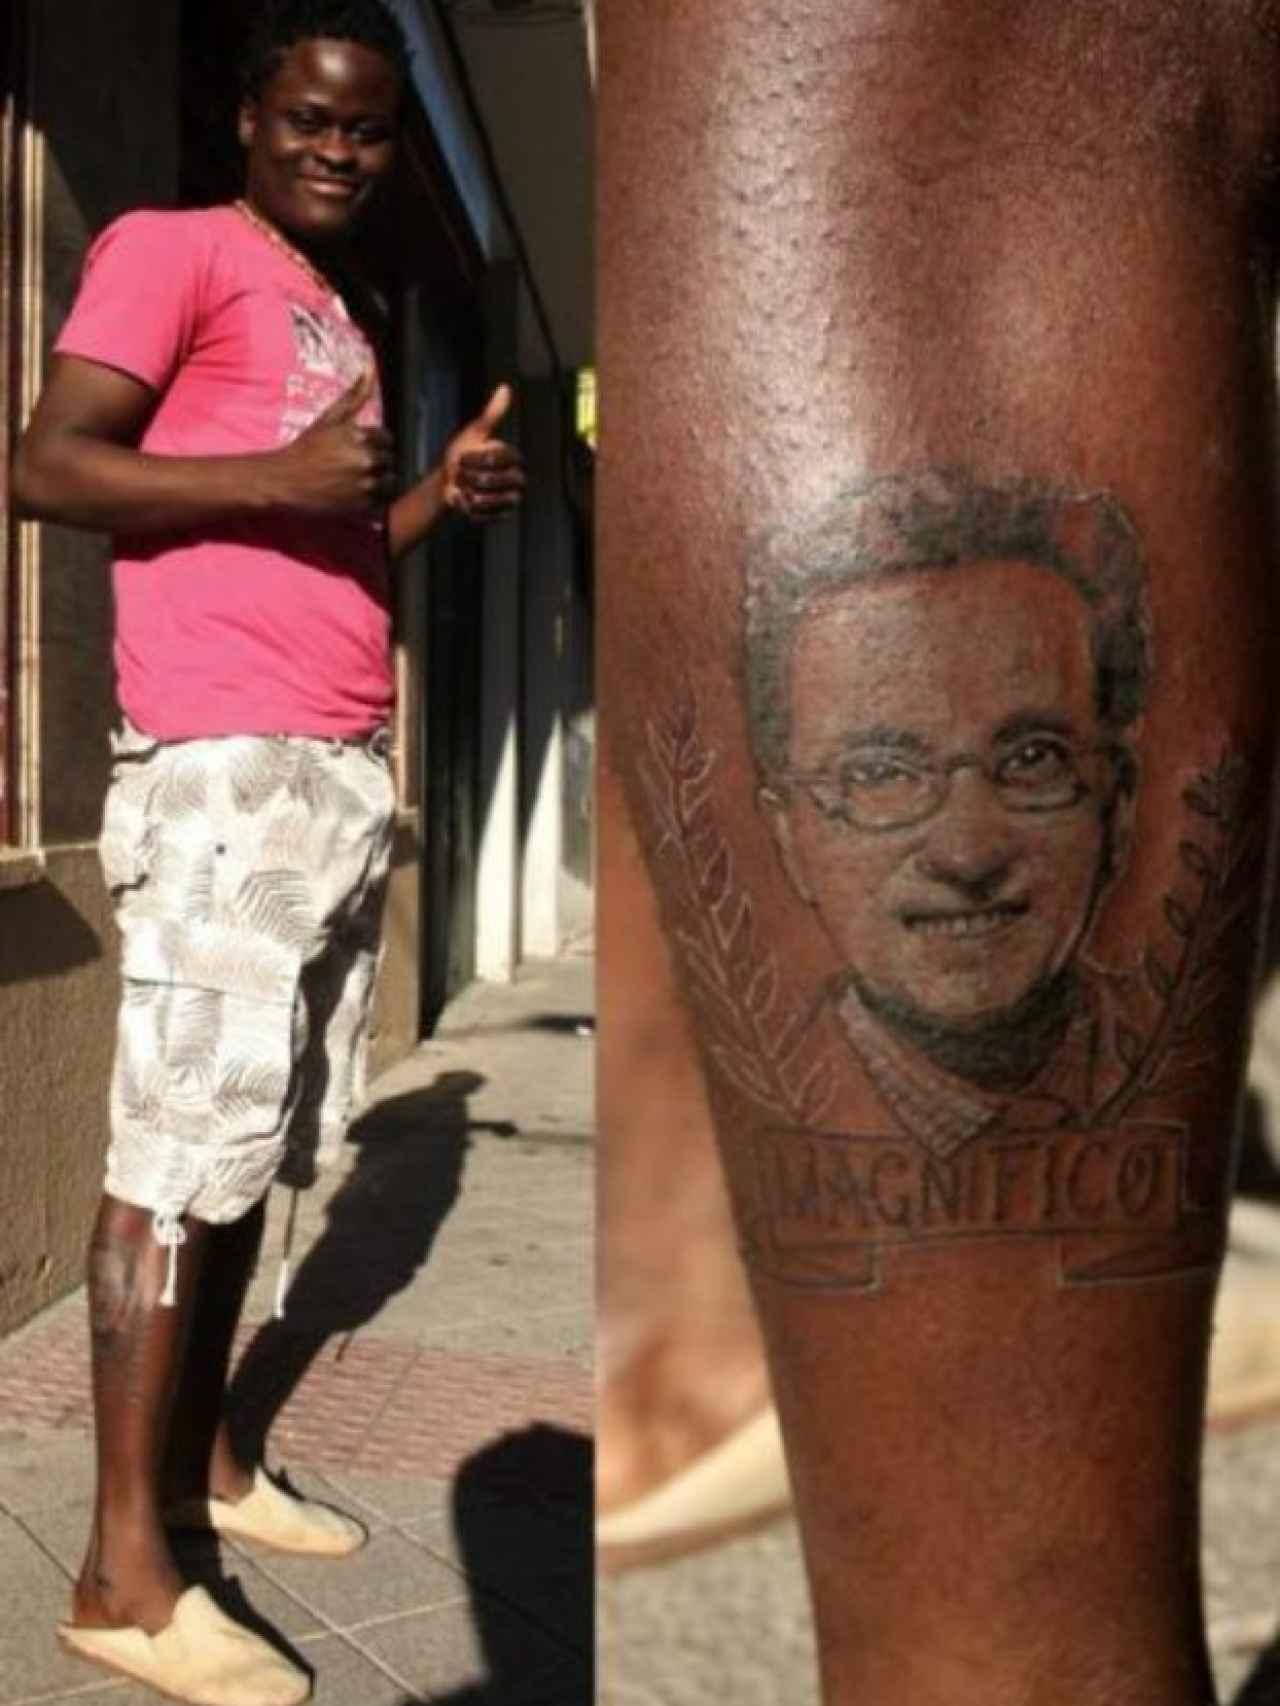 Hace unos años, un hombre se tatuó la cara de Jordi Hurtado en la pierna.